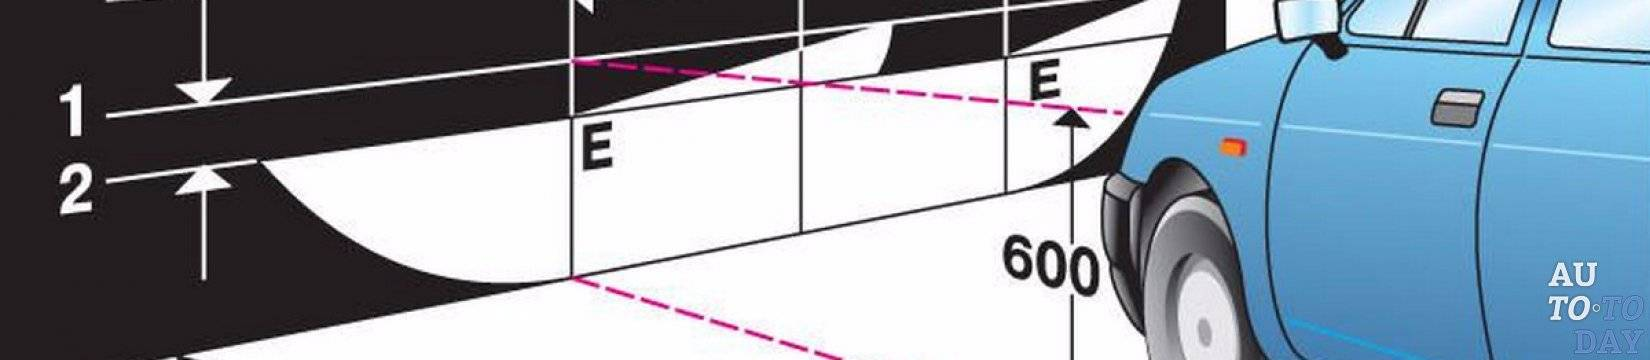 Как отрегулировать фары на ваз 2110 своими руками (видео)